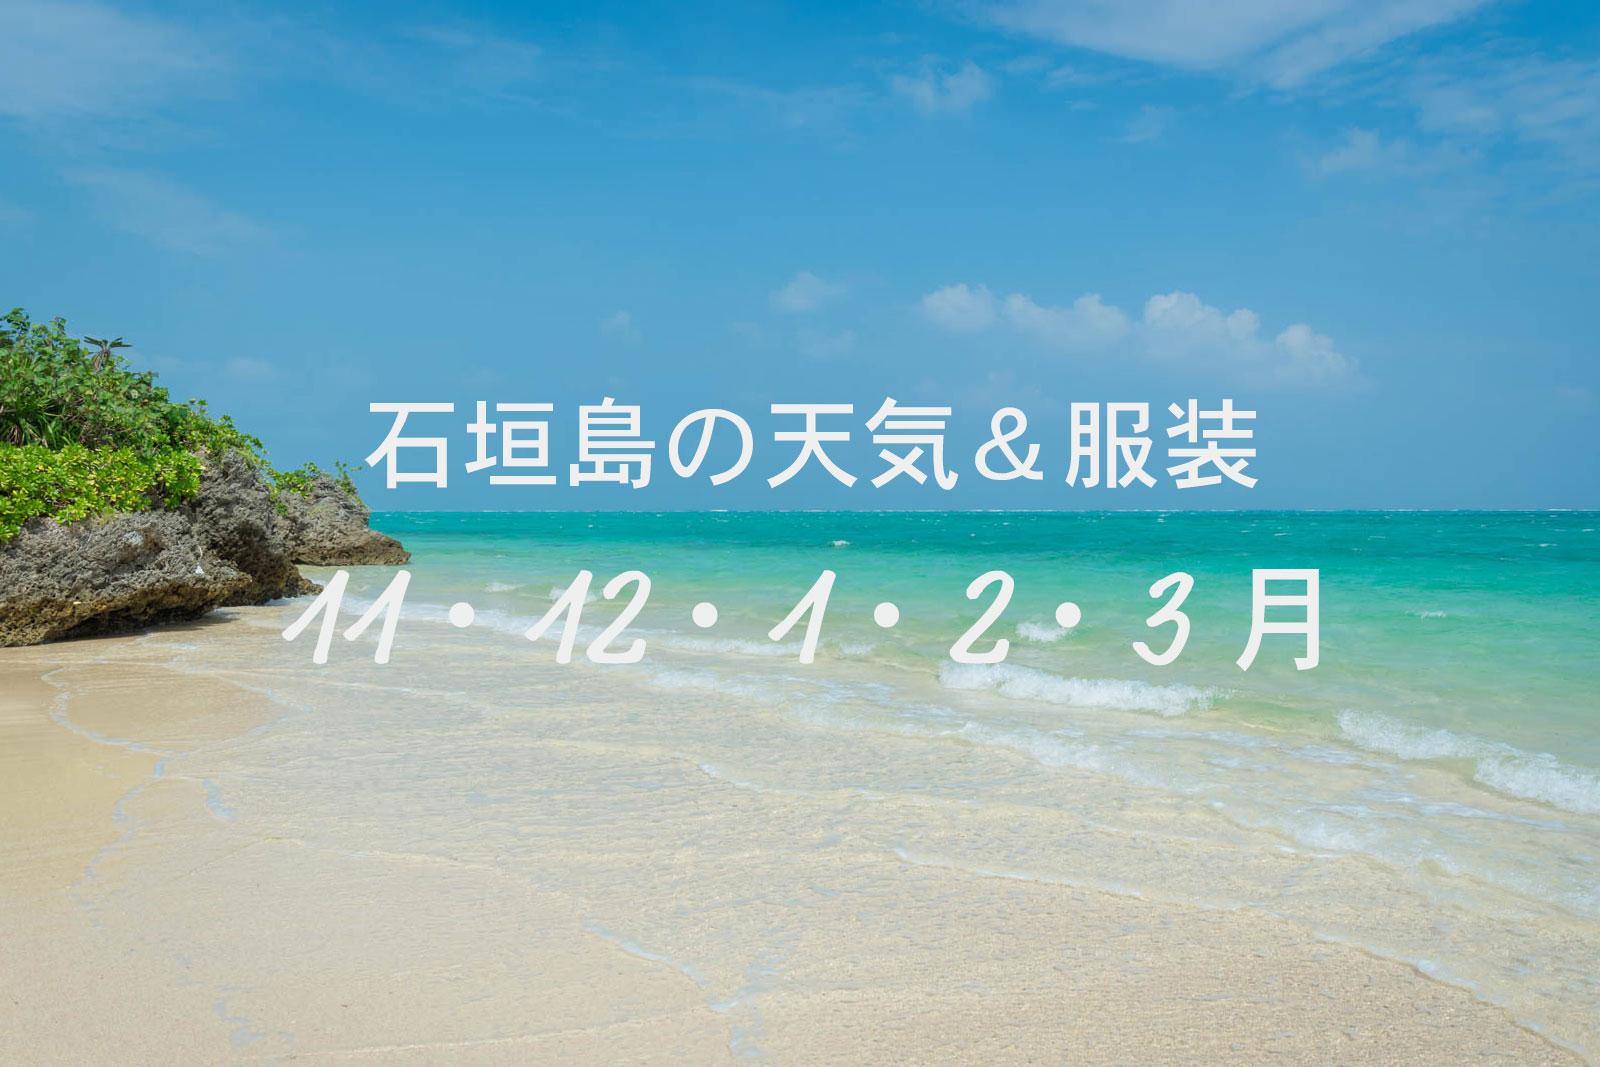 石垣島の冬の天気&おすすめの服装【11月・12月・1月・2月・3月】